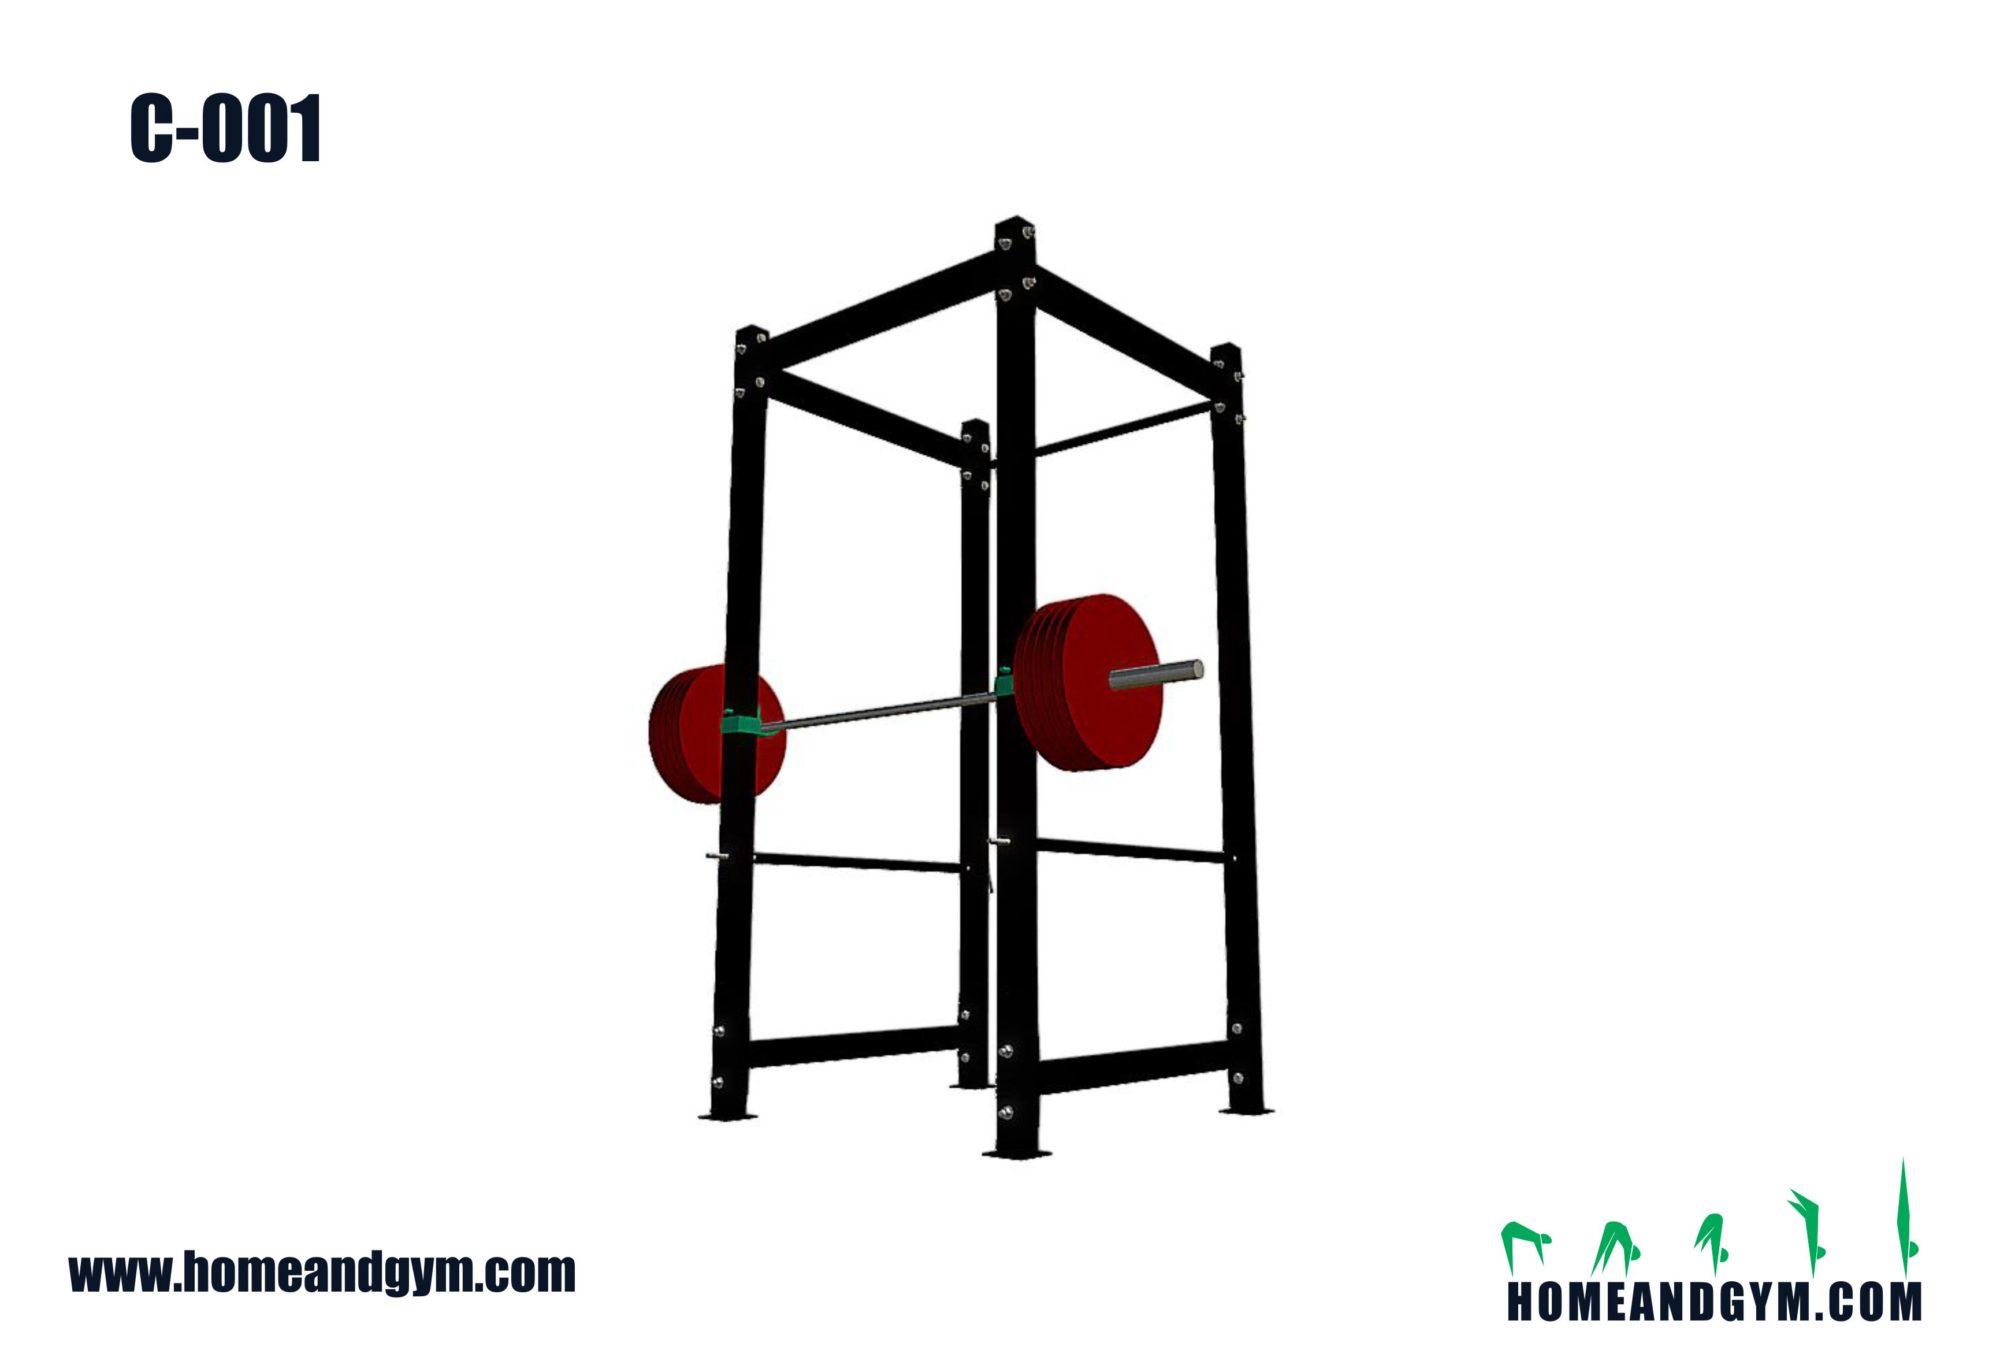 Equipo para halterofilia power rack